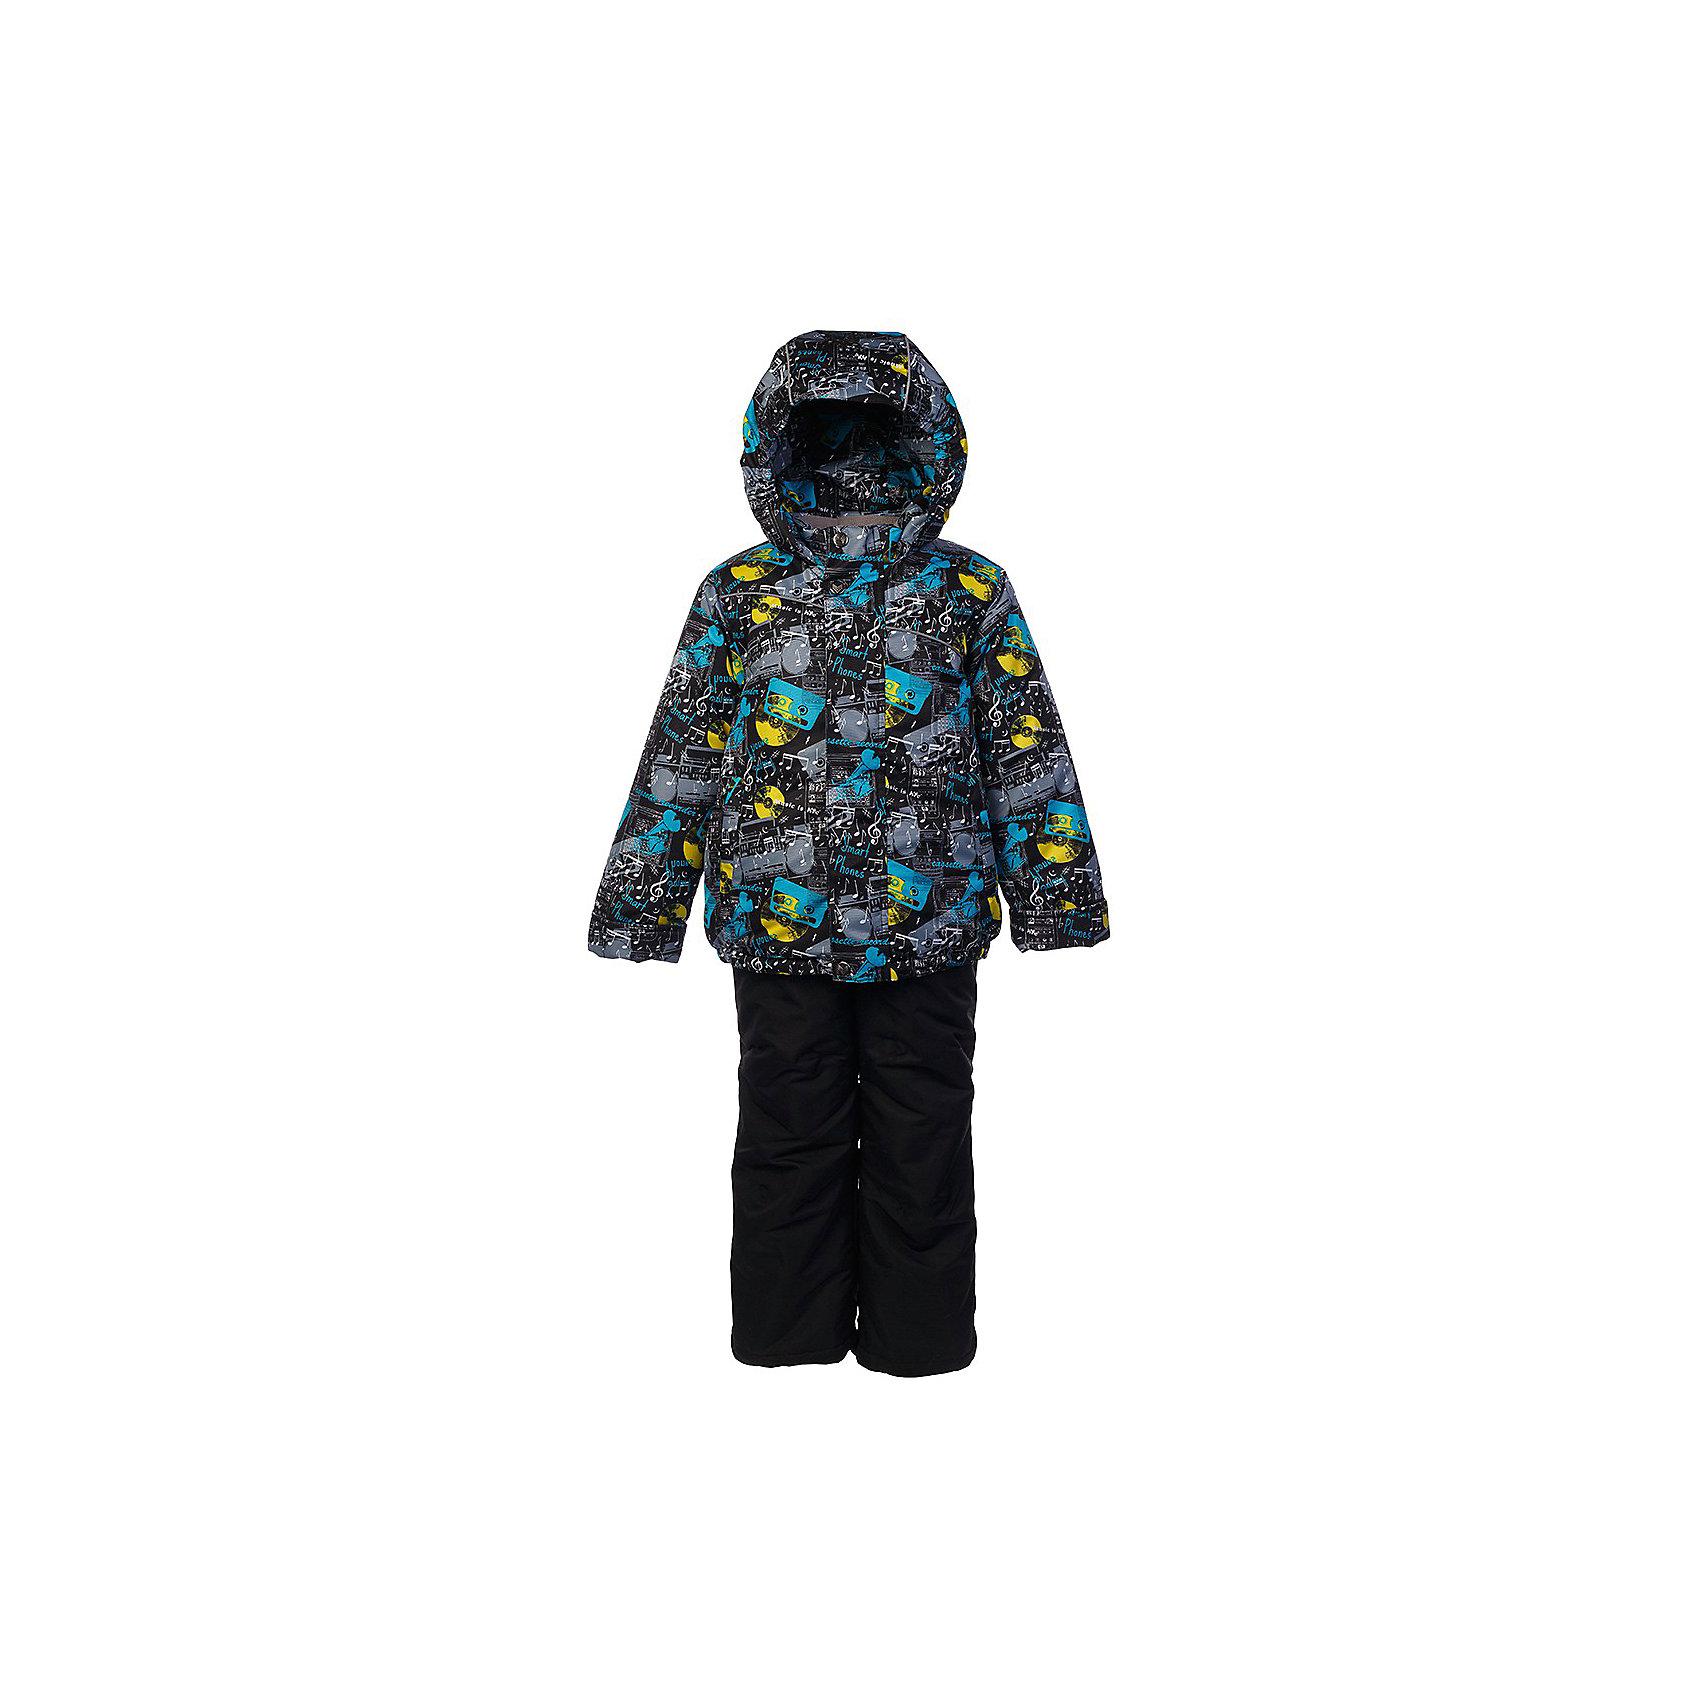 Комплект: куртка и полукомбинезон Джаз OLDOS для мальчикаВерхняя одежда<br>Характеристики товара:<br><br>• цвет: черный<br>• комплектация: куртка и полукомбинезон<br>• состав ткани: полиэстер<br>• подкладка: флис<br>• утеплитель: Hollofan <br>• сезон: зима<br>• мембранное покрытие<br>• температурный режим: от -30 до 0<br>• водонепроницаемость: 3000 мм <br>• паропроницаемость: 3000 г/м2<br>• плотность утеплителя: куртка - 300 г/м2, полукомбинезон - 150 г/м2<br>• застежка: молния<br>• капюшон: без меха, несъемный<br>• страна бренда: Россия<br>• страна изготовитель: Россия<br><br>Высокотехнологичное покрытие такого детского комплекта - это защита от воды и грязи, износостойкость, за ним легко ухаживать. Зимний комплект от бренда Oldos разработан с учетом потребностей детей. Зимний комплект для мальчика дополнен функциональными деталями для удобства ребенка: воротник-стойка, двойная планка от ветра. <br><br>Комплект: куртка и полукомбинезон Джаз Oldos (Олдос) для мальчика можно купить в нашем интернет-магазине.<br><br>Ширина мм: 356<br>Глубина мм: 10<br>Высота мм: 245<br>Вес г: 519<br>Цвет: черный<br>Возраст от месяцев: 18<br>Возраст до месяцев: 24<br>Пол: Мужской<br>Возраст: Детский<br>Размер: 92,134,128,122,116,110,104,98<br>SKU: 7016533